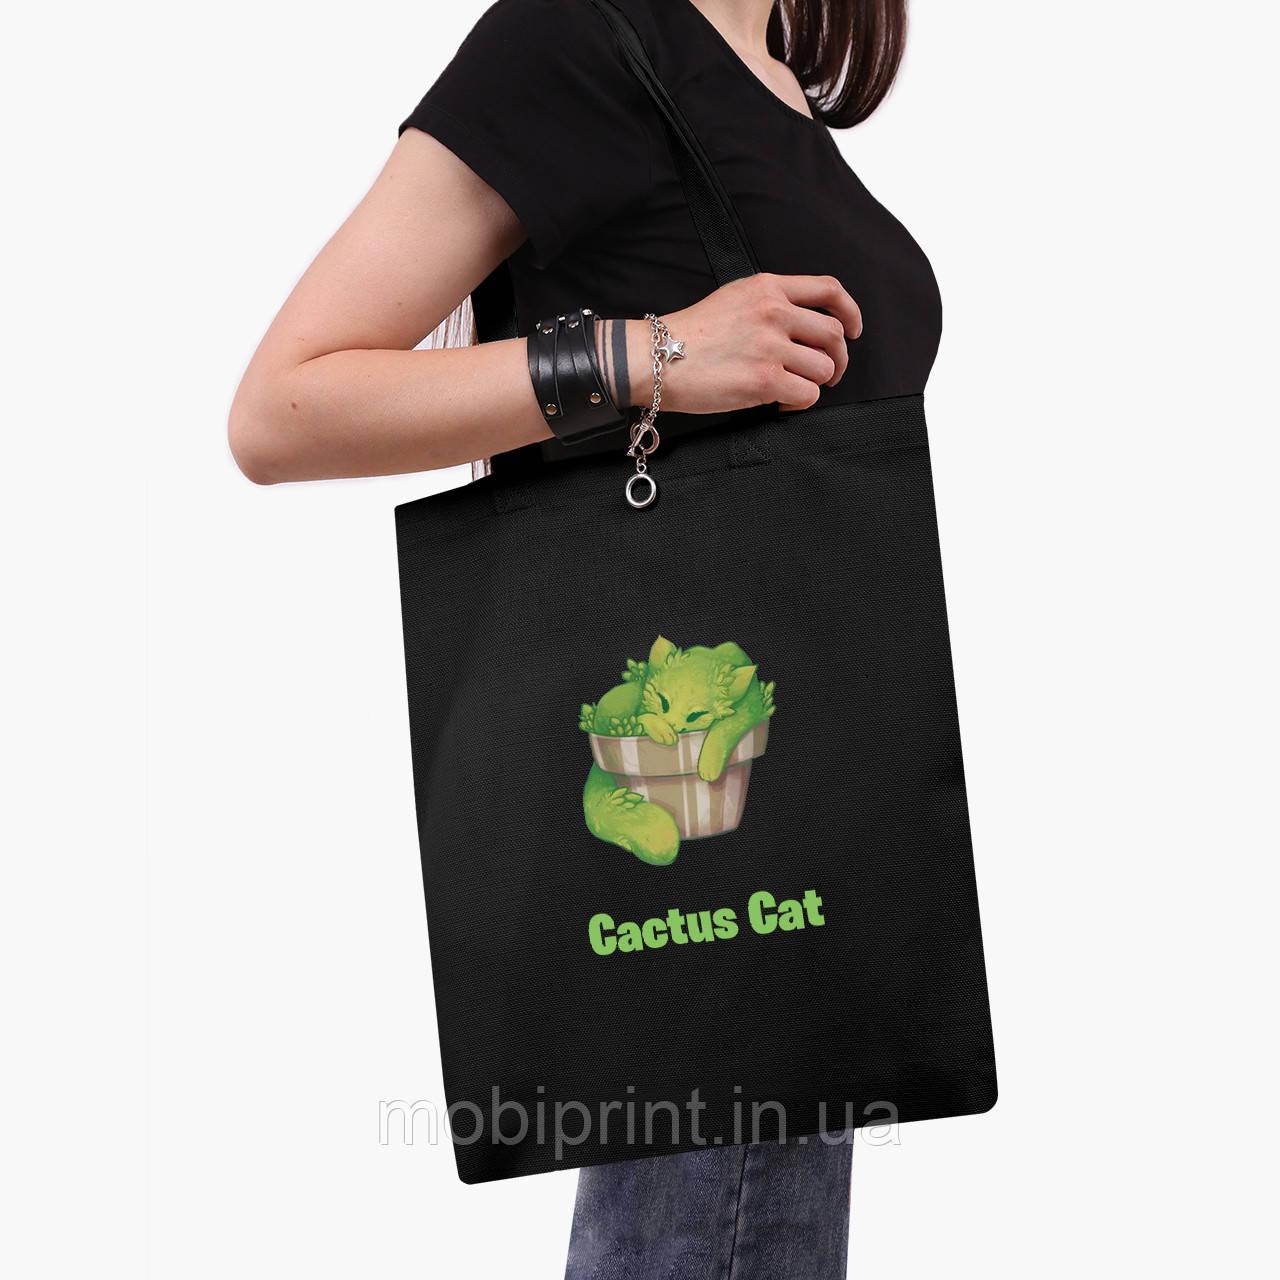 Эко сумка шоппер черная Экология (Ecology) (9227-1335-2)  экосумка шопер 41*35 см